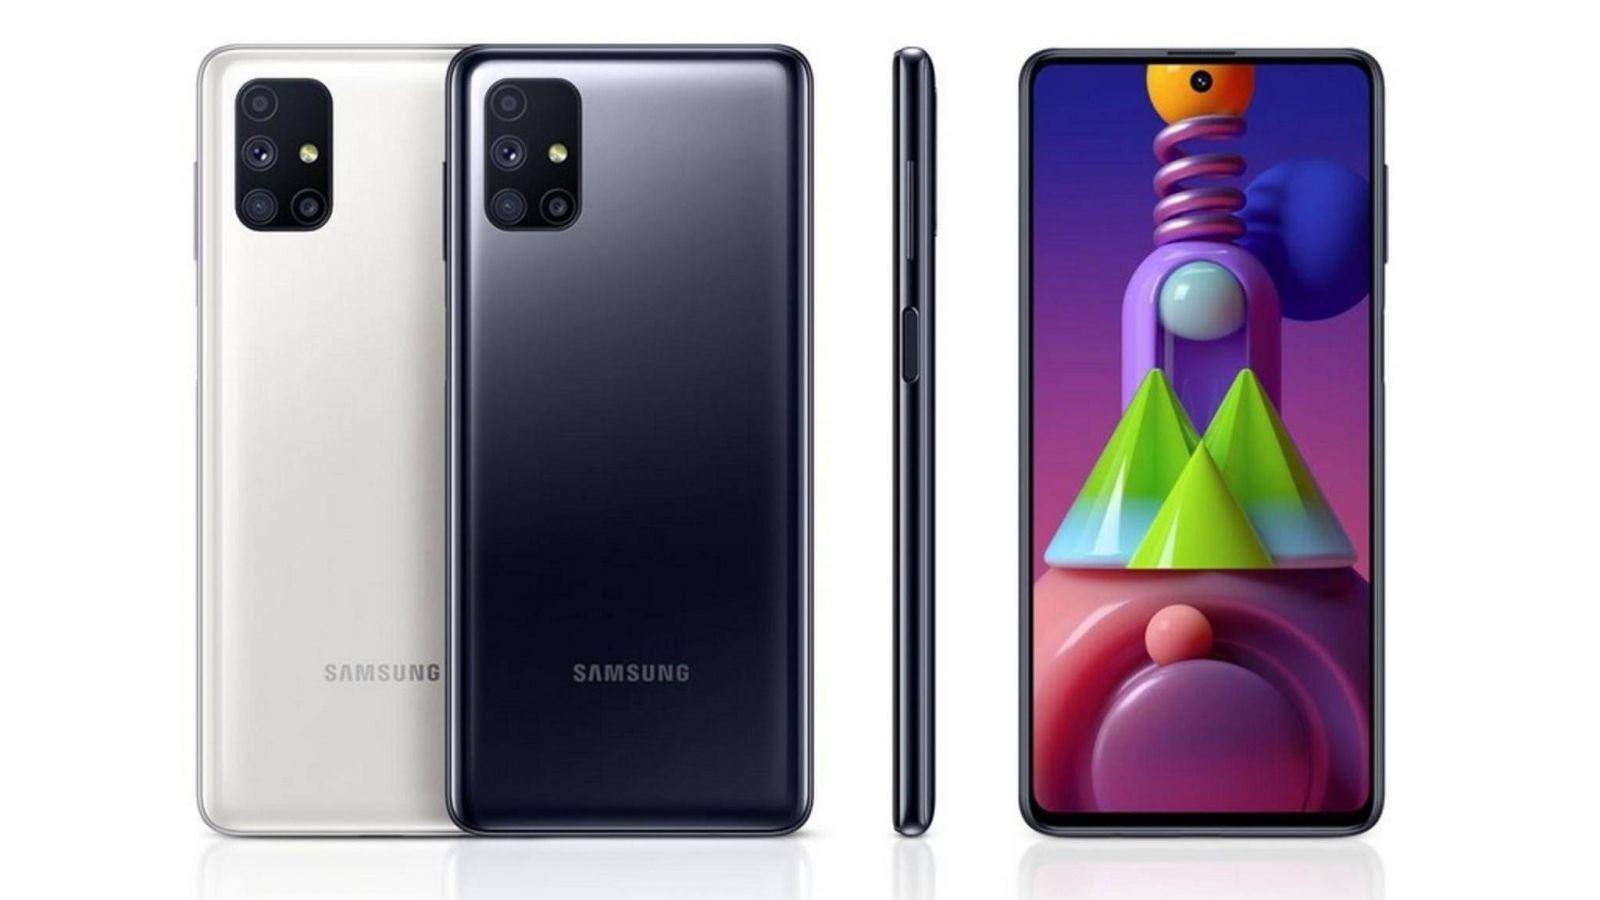 Монстр автономности Samsung Galaxy M51 приехал в Россию (samsung gala y m51 large)